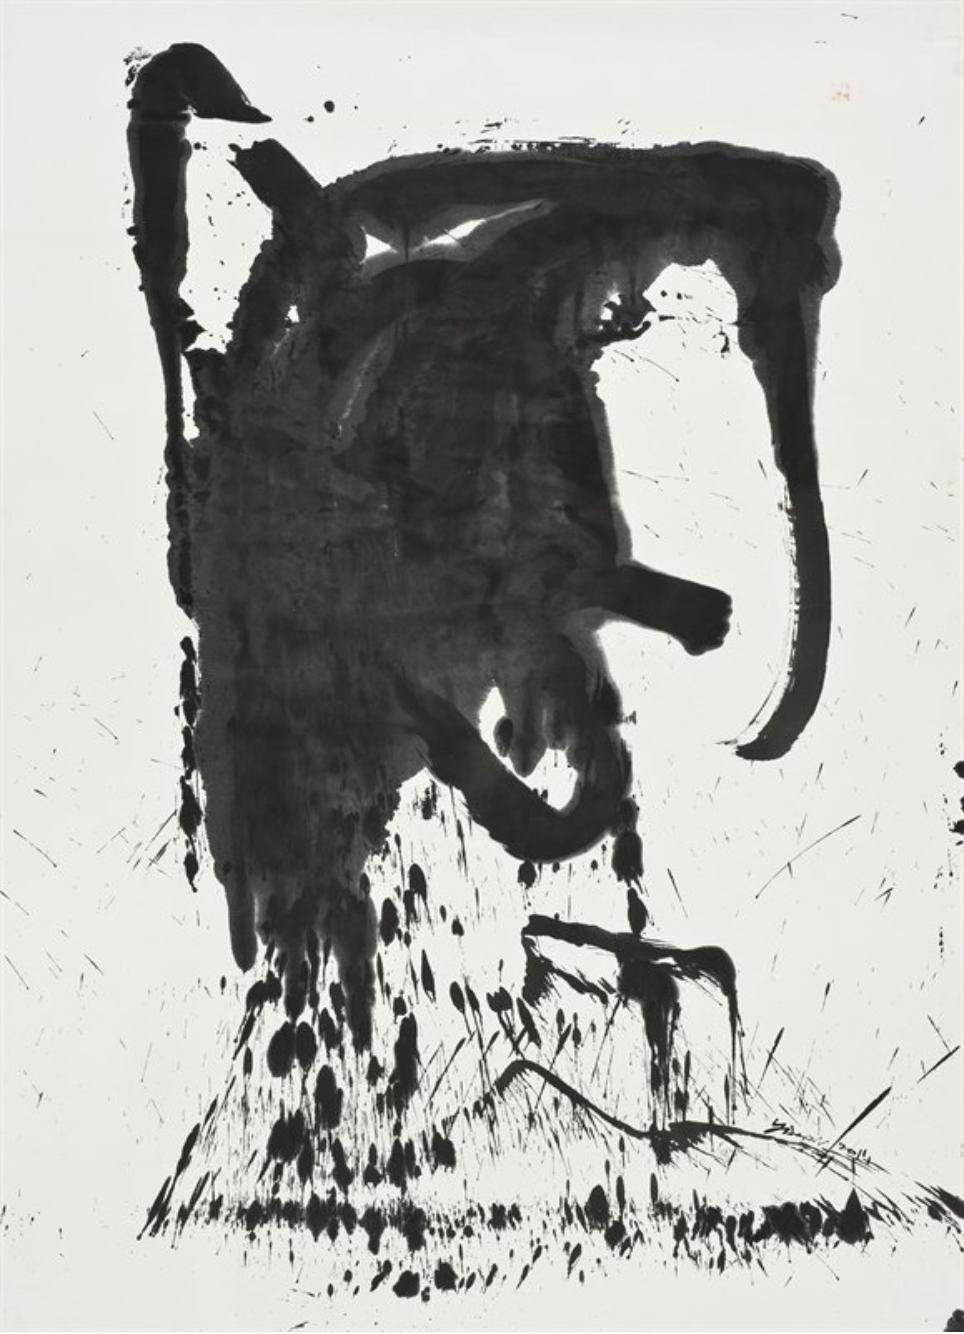 行气系列,200x147cm,水墨、宣纸,2011